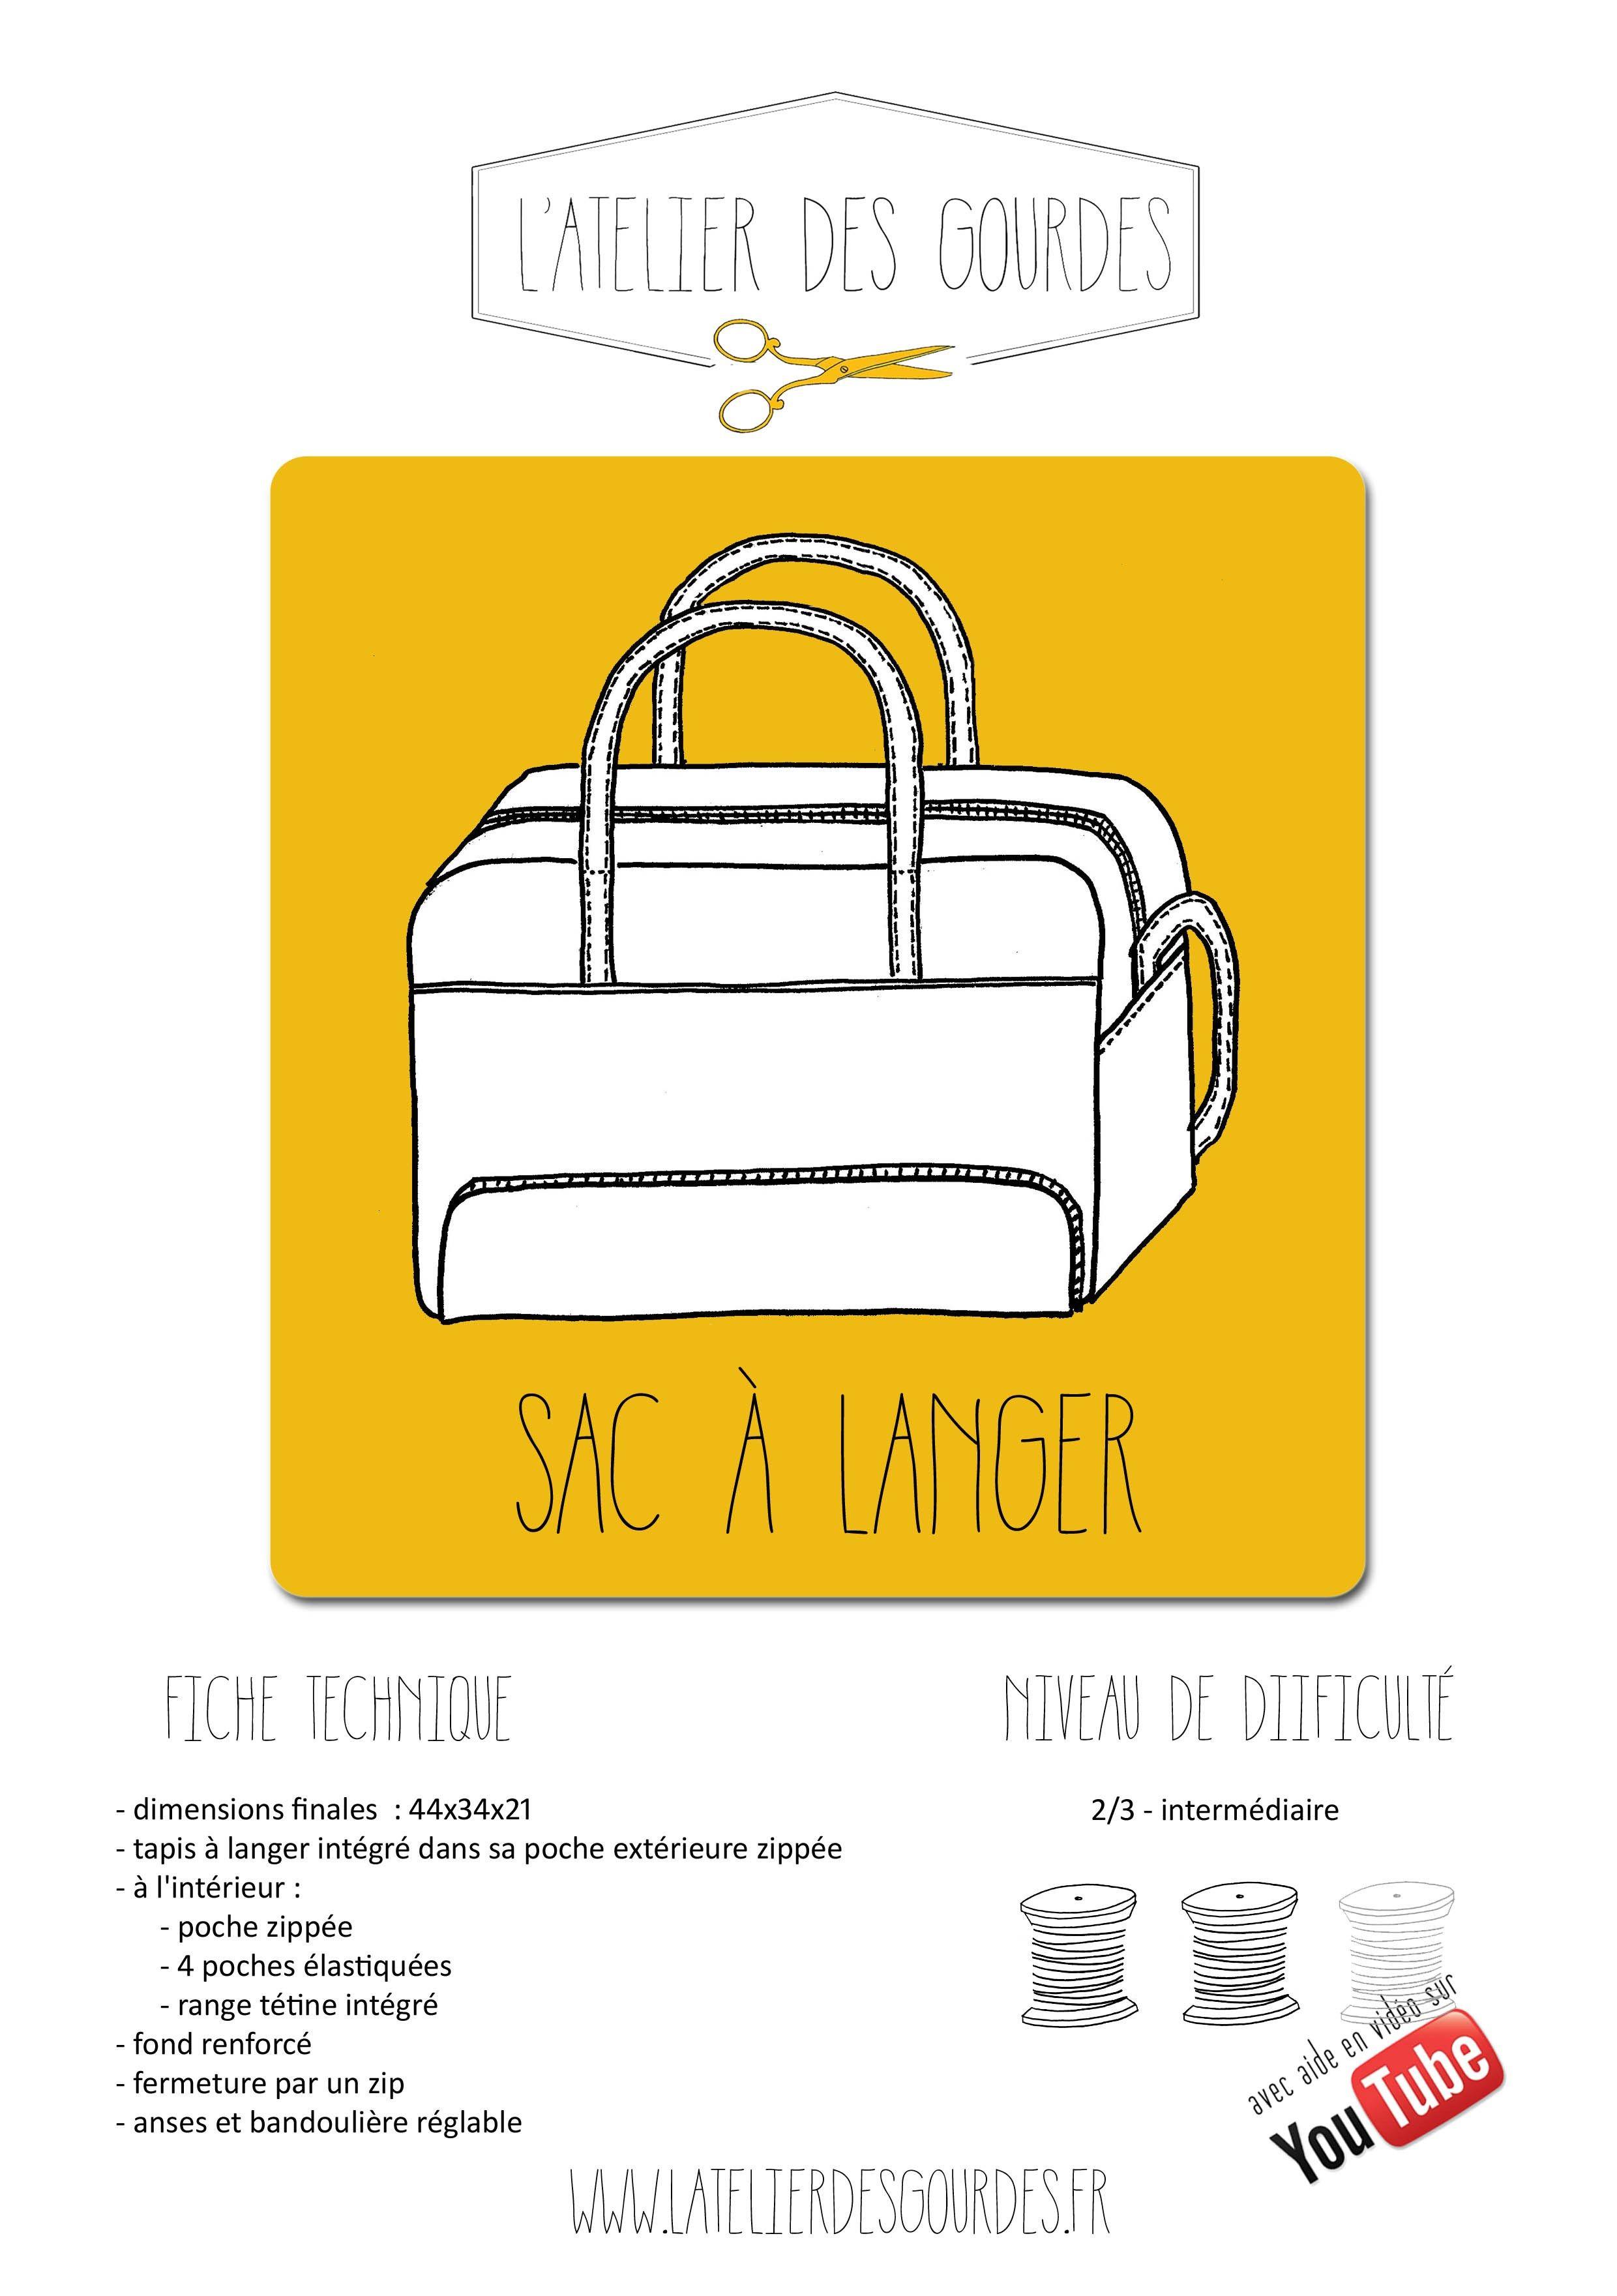 Sac A Langer Patron De Couture De L Atelier Des Gourdes Sac A Langer Patron Sac Tapis A Langer